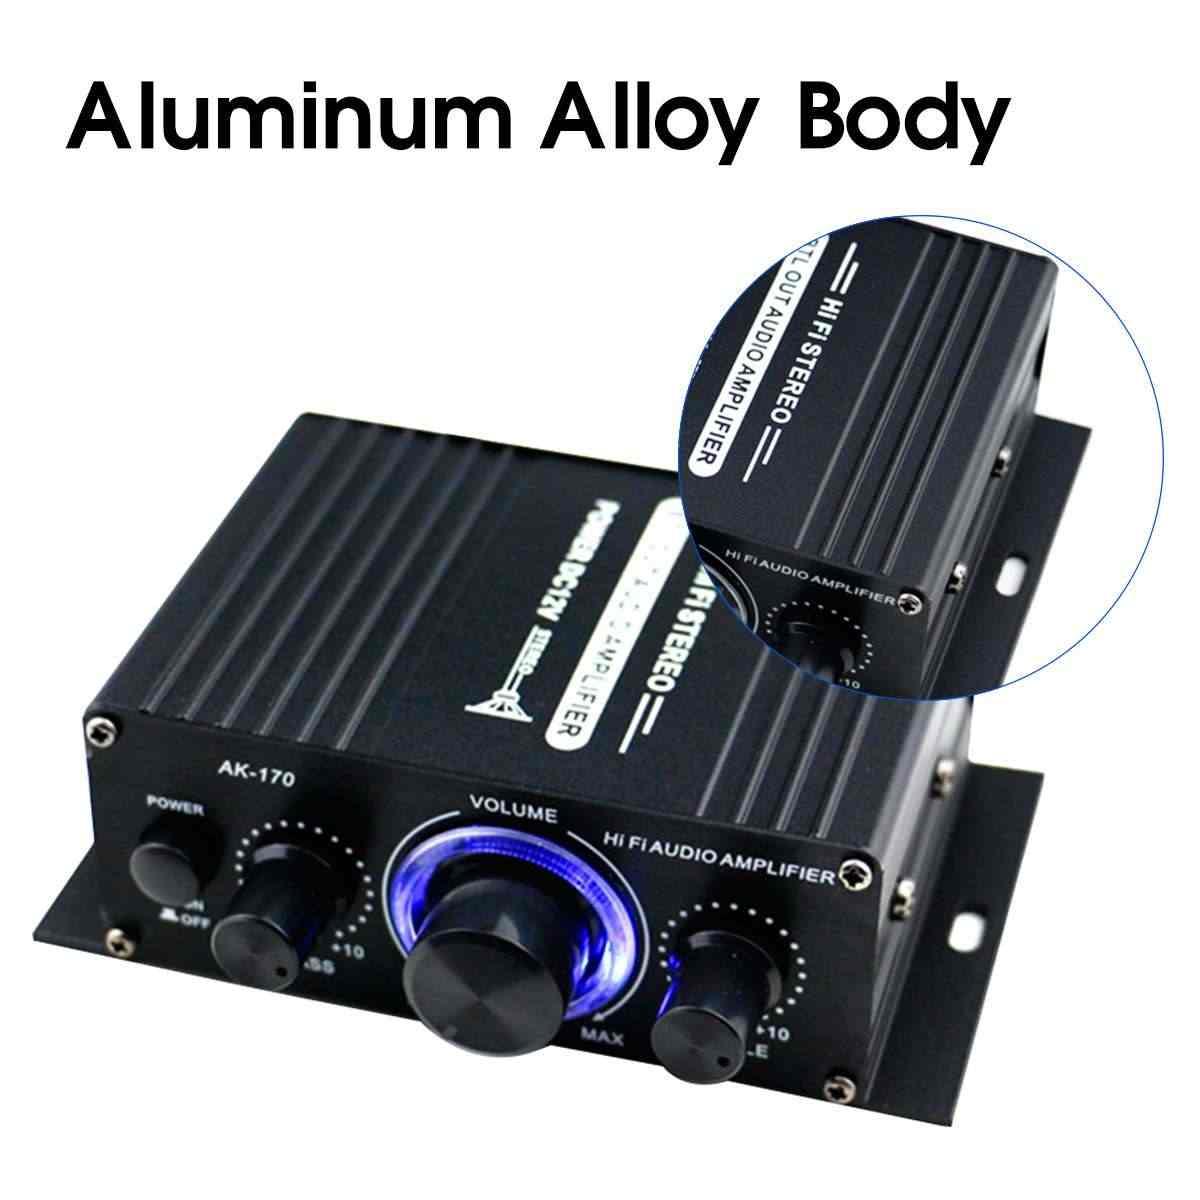 200 + 200 واط 12 فولت الصوت مكبر الصوت HIFI مكبر كهربائي بلوتوث ستيريو للسيارة الموسيقى مكبرات الصوت راديو FM USB/TF/AUX